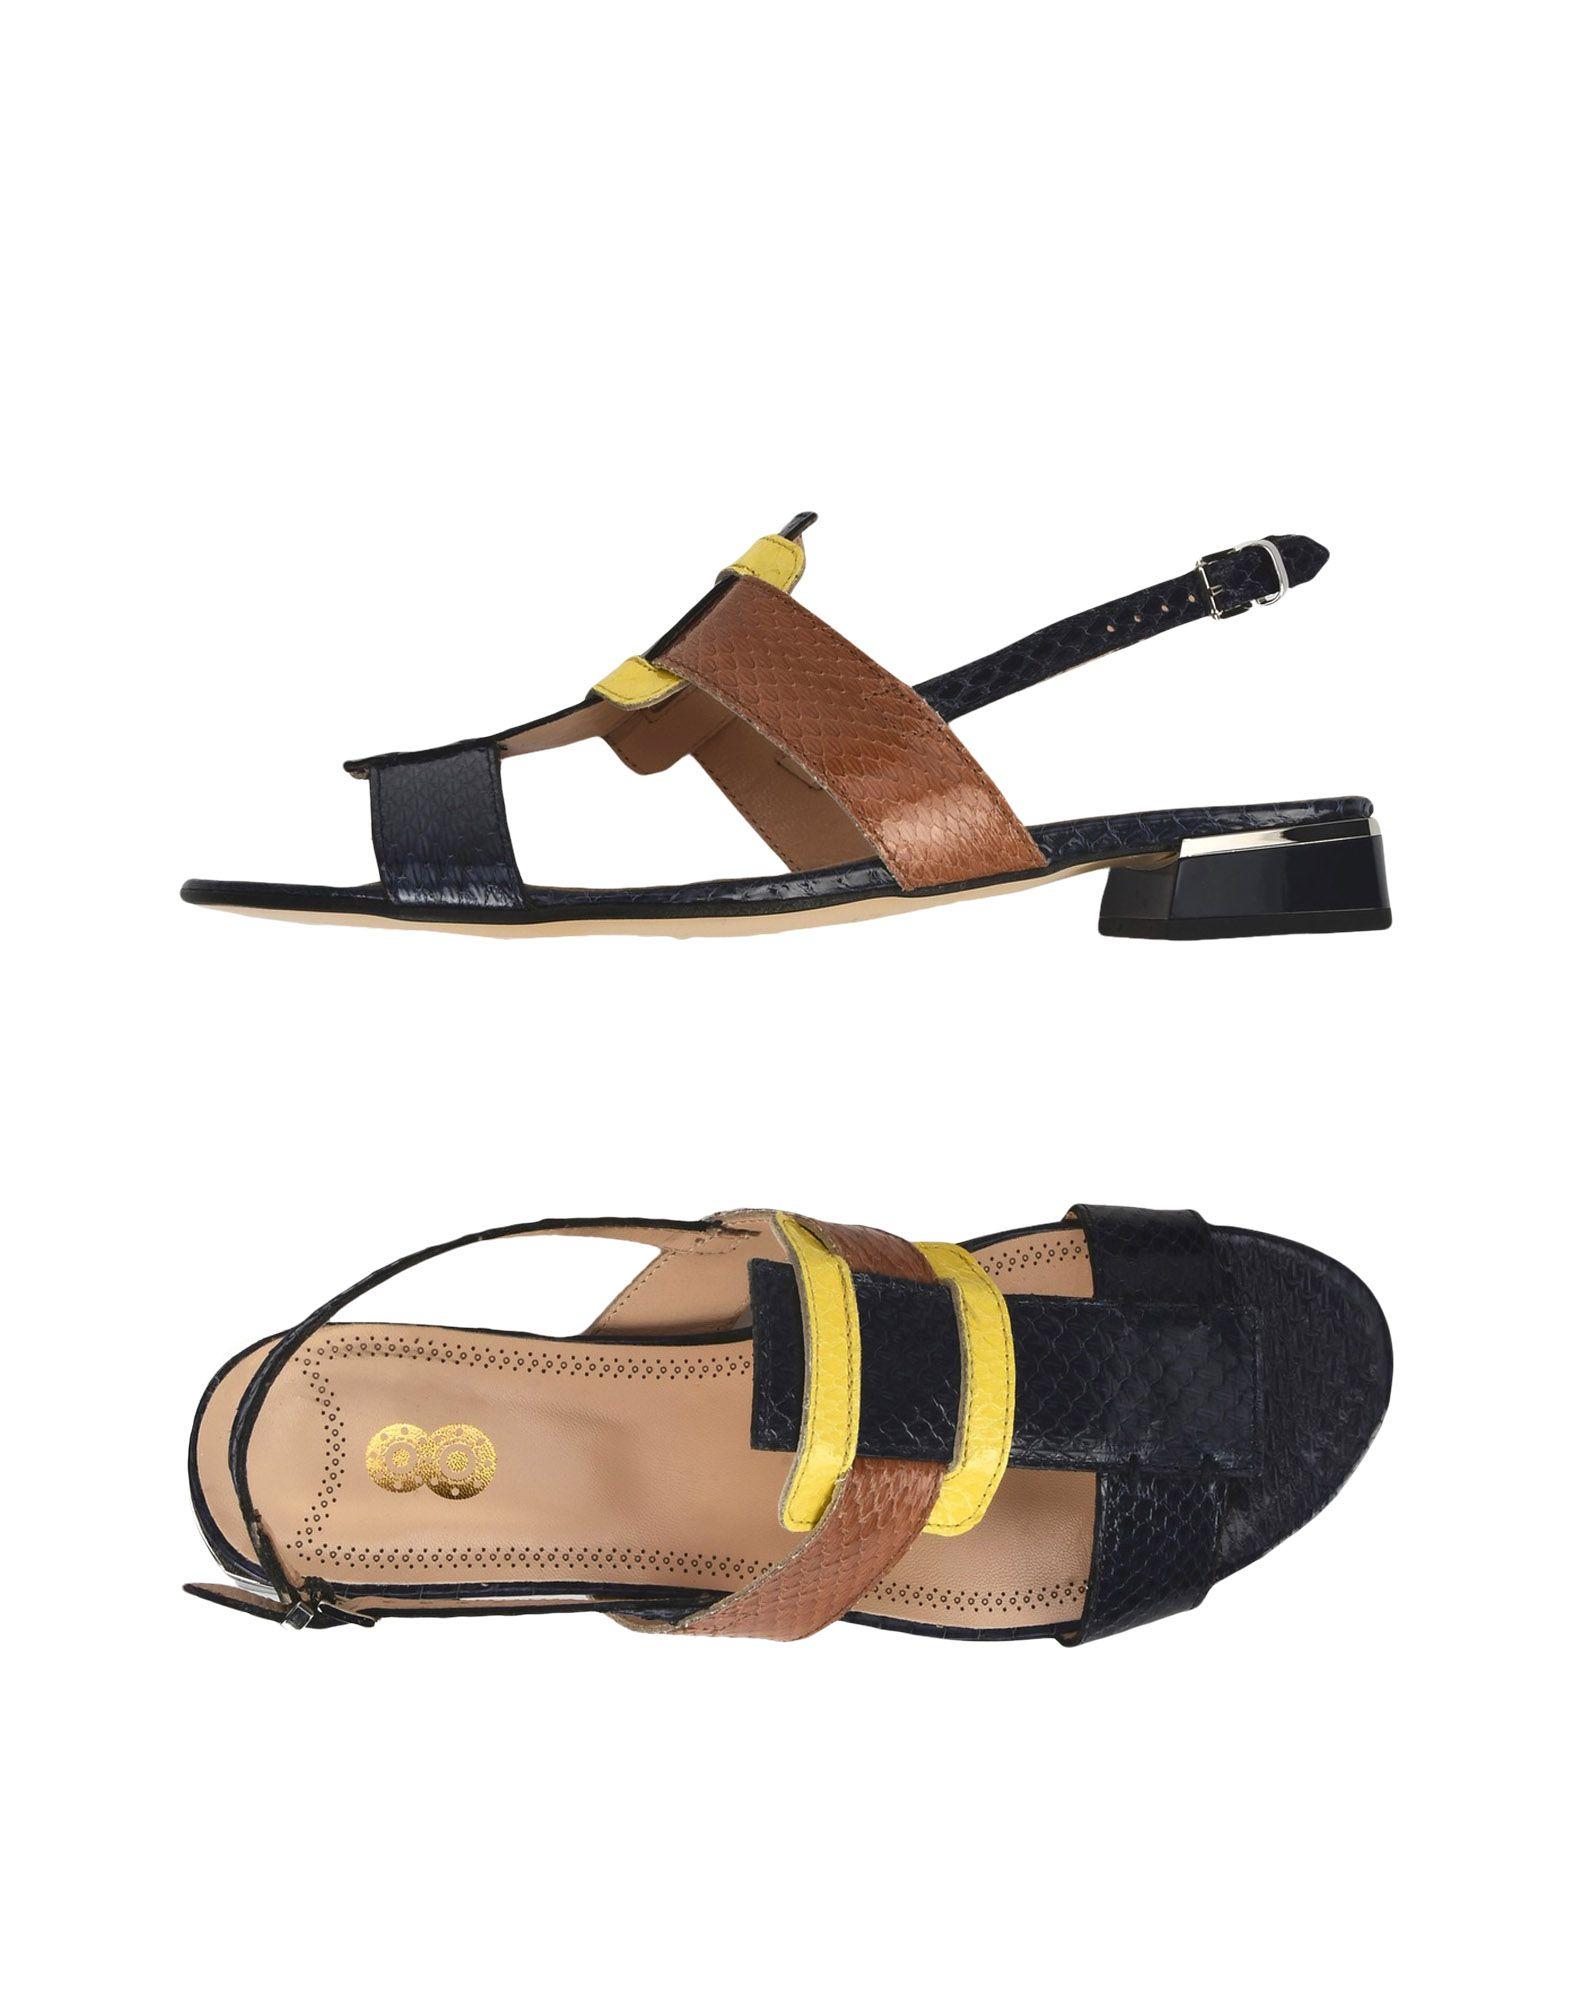 Scarpe economiche e resistenti Sandali 8 Donna - 11210046QH